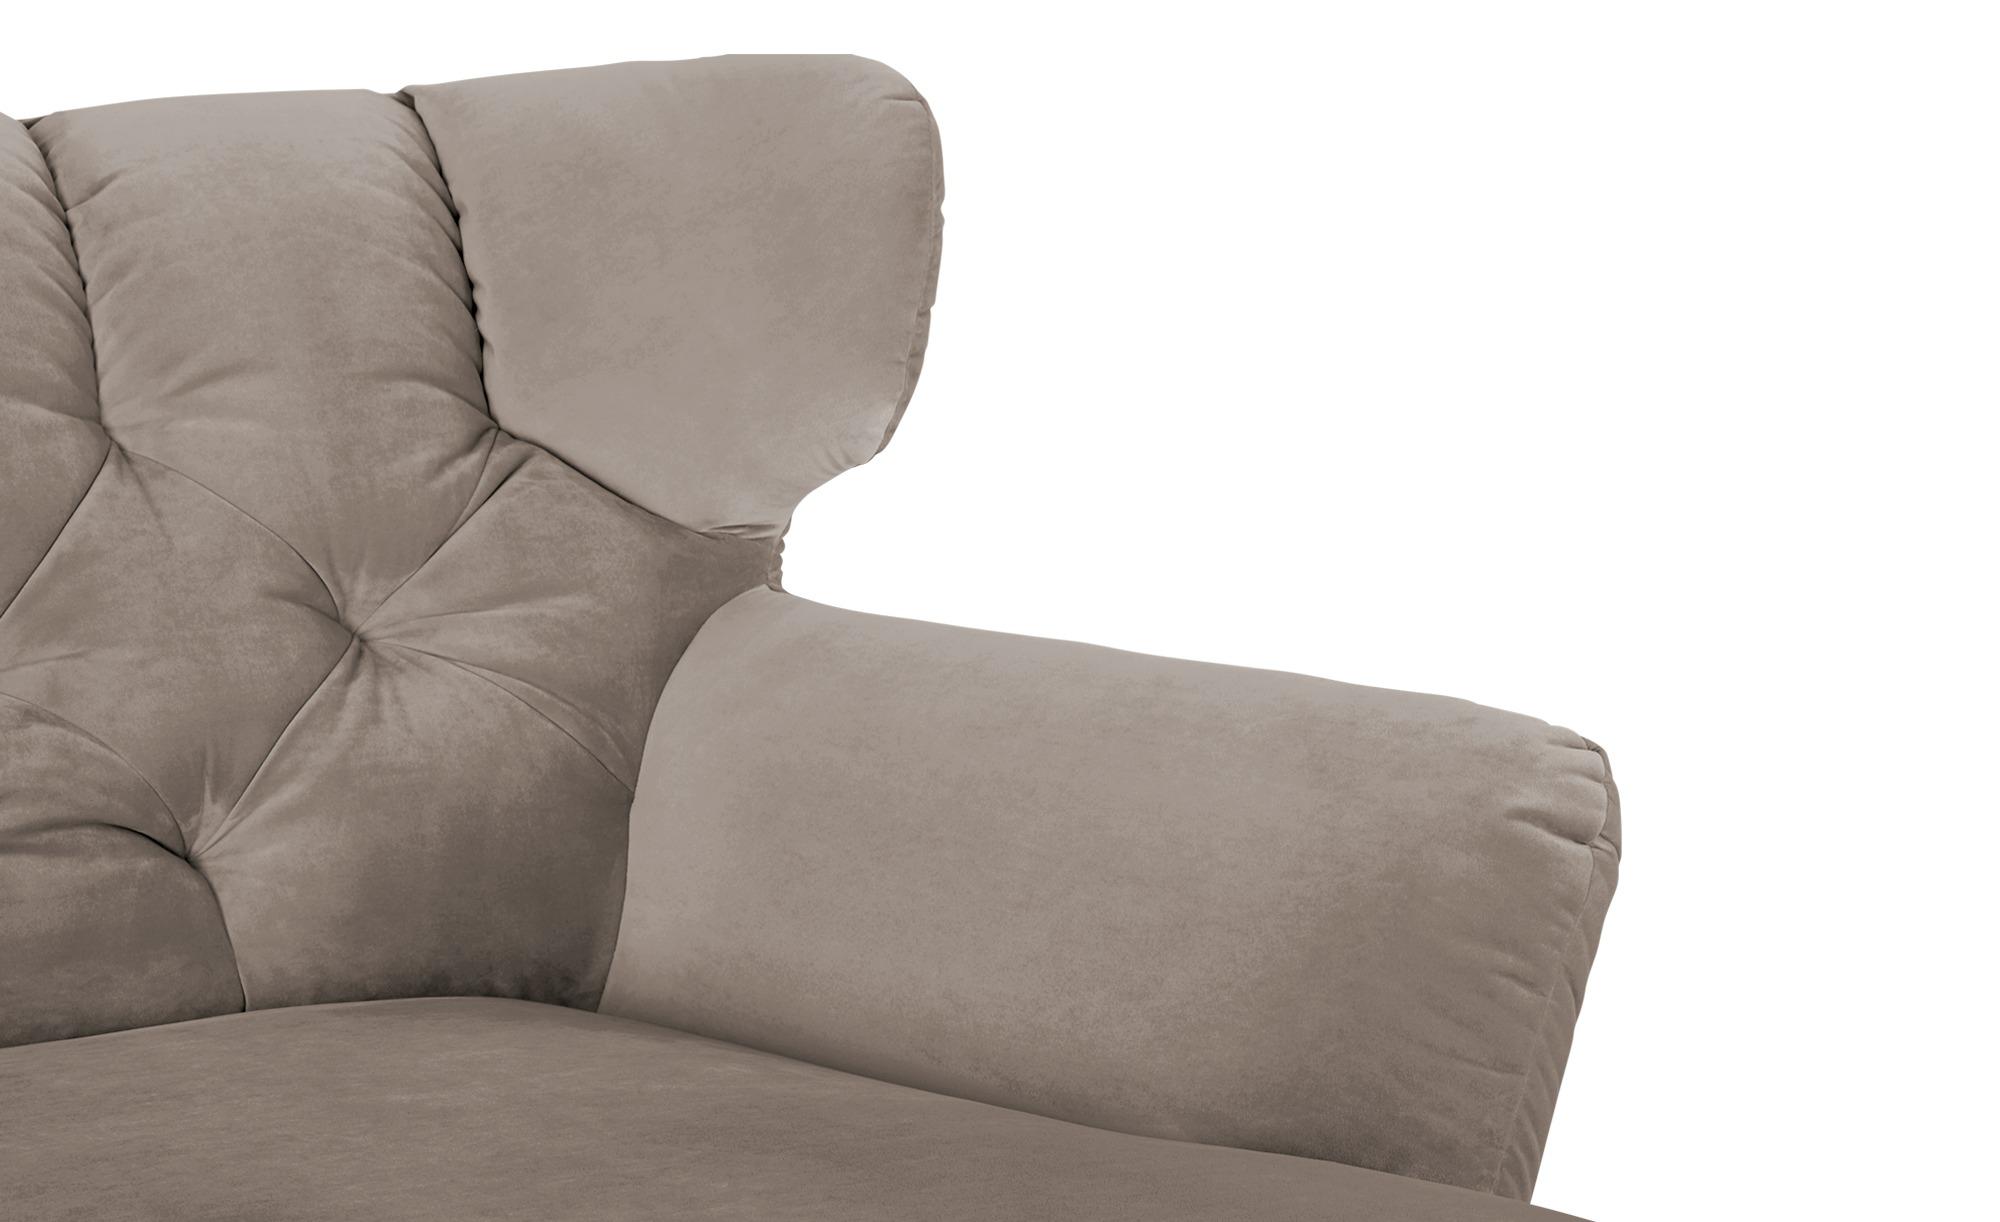 Longseat-Sessel  Caldara ¦ beige ¦ Maße (cm): B: 126 H: 94 T: 160 Polstermöbel > Sessel > Polstersessel - Höffner